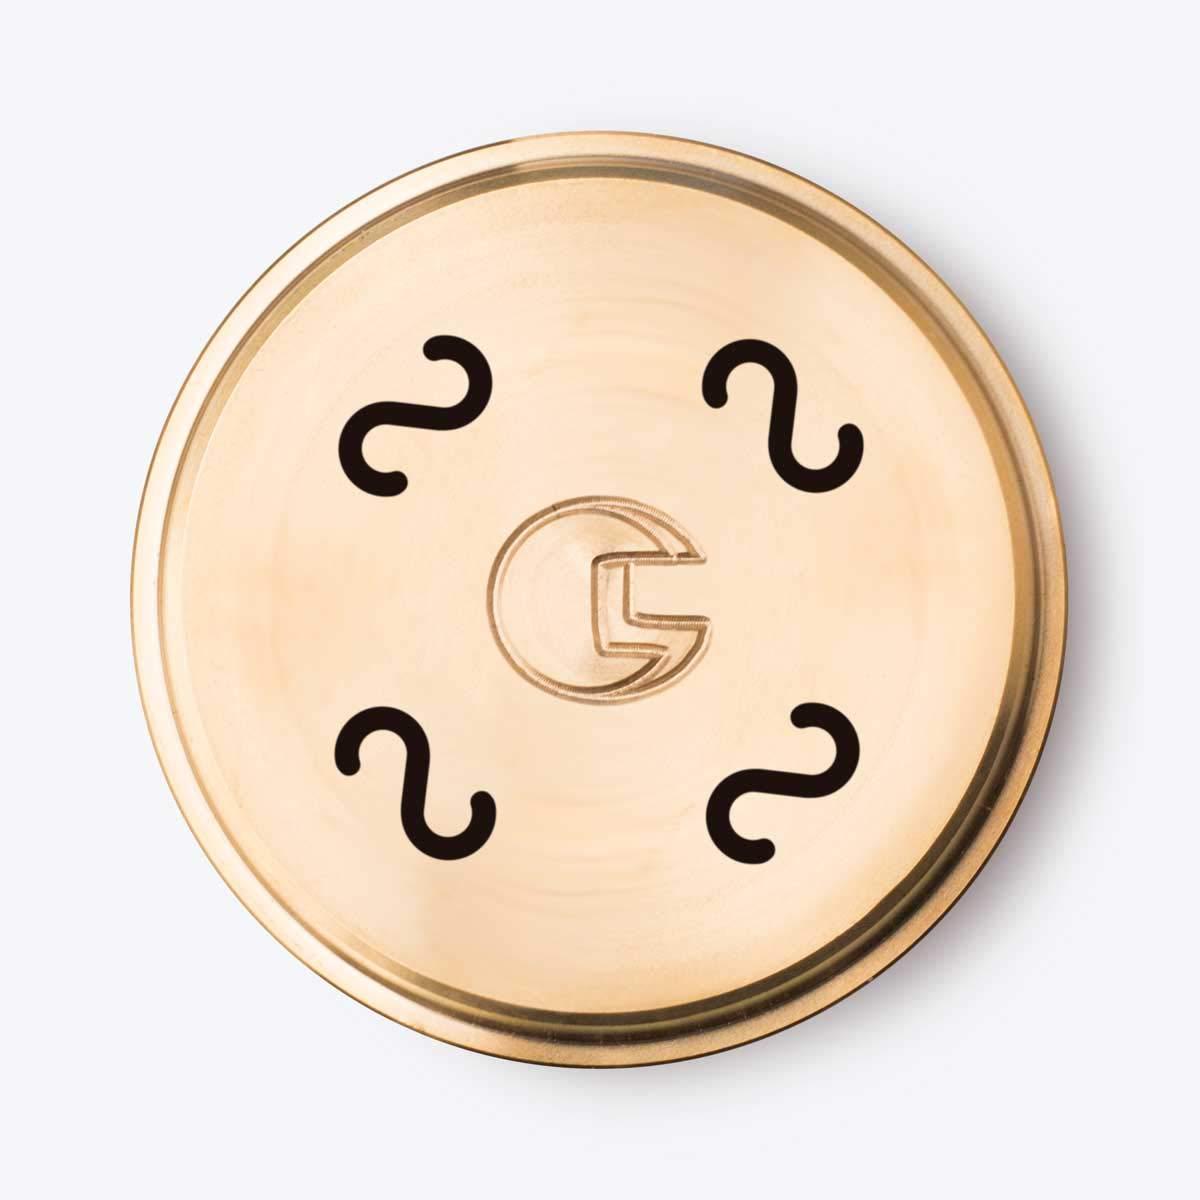 Trafila per pasta in bronzo N°190 CASERECCE per Kenwood, Philips Pasta Maker, Philips Viva Collection CAPITANIO CAMILLO SNC